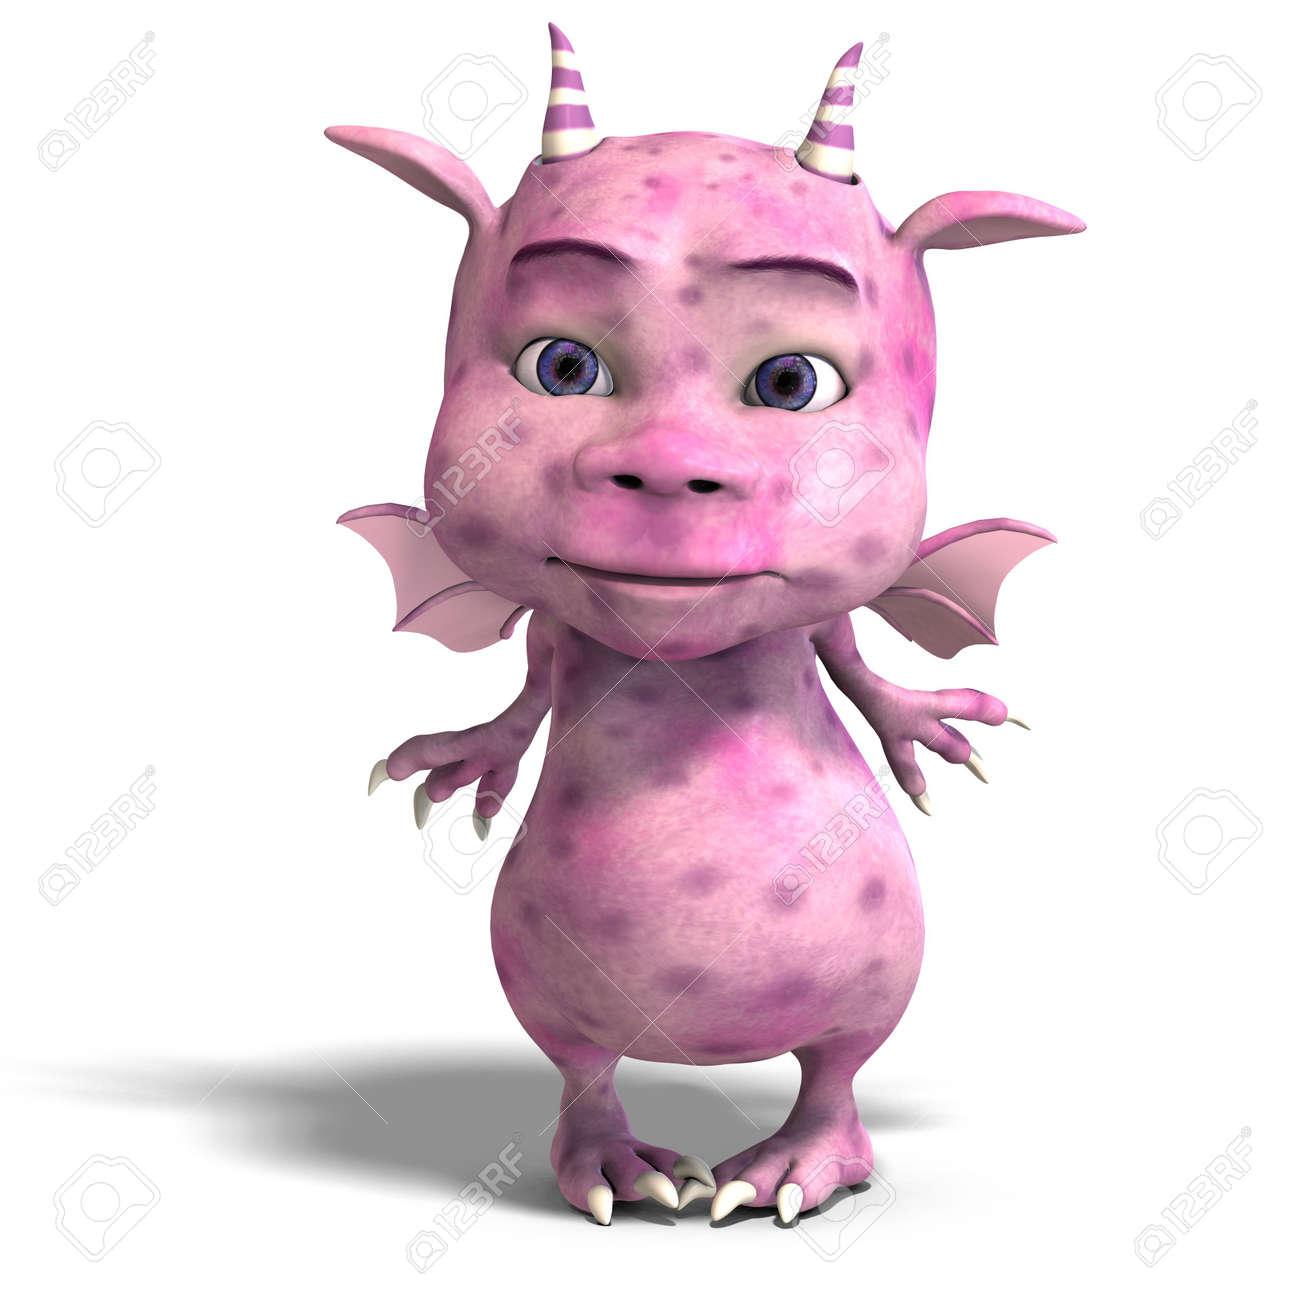 Banque d'images - Rendu 3D d'un peu plus <b>rose mignon</b> toon dragon diable - 5573821-Rendu-3D-d-un-peu-plus-rose-mignon-toon-dragon-diable-Banque-d%27images